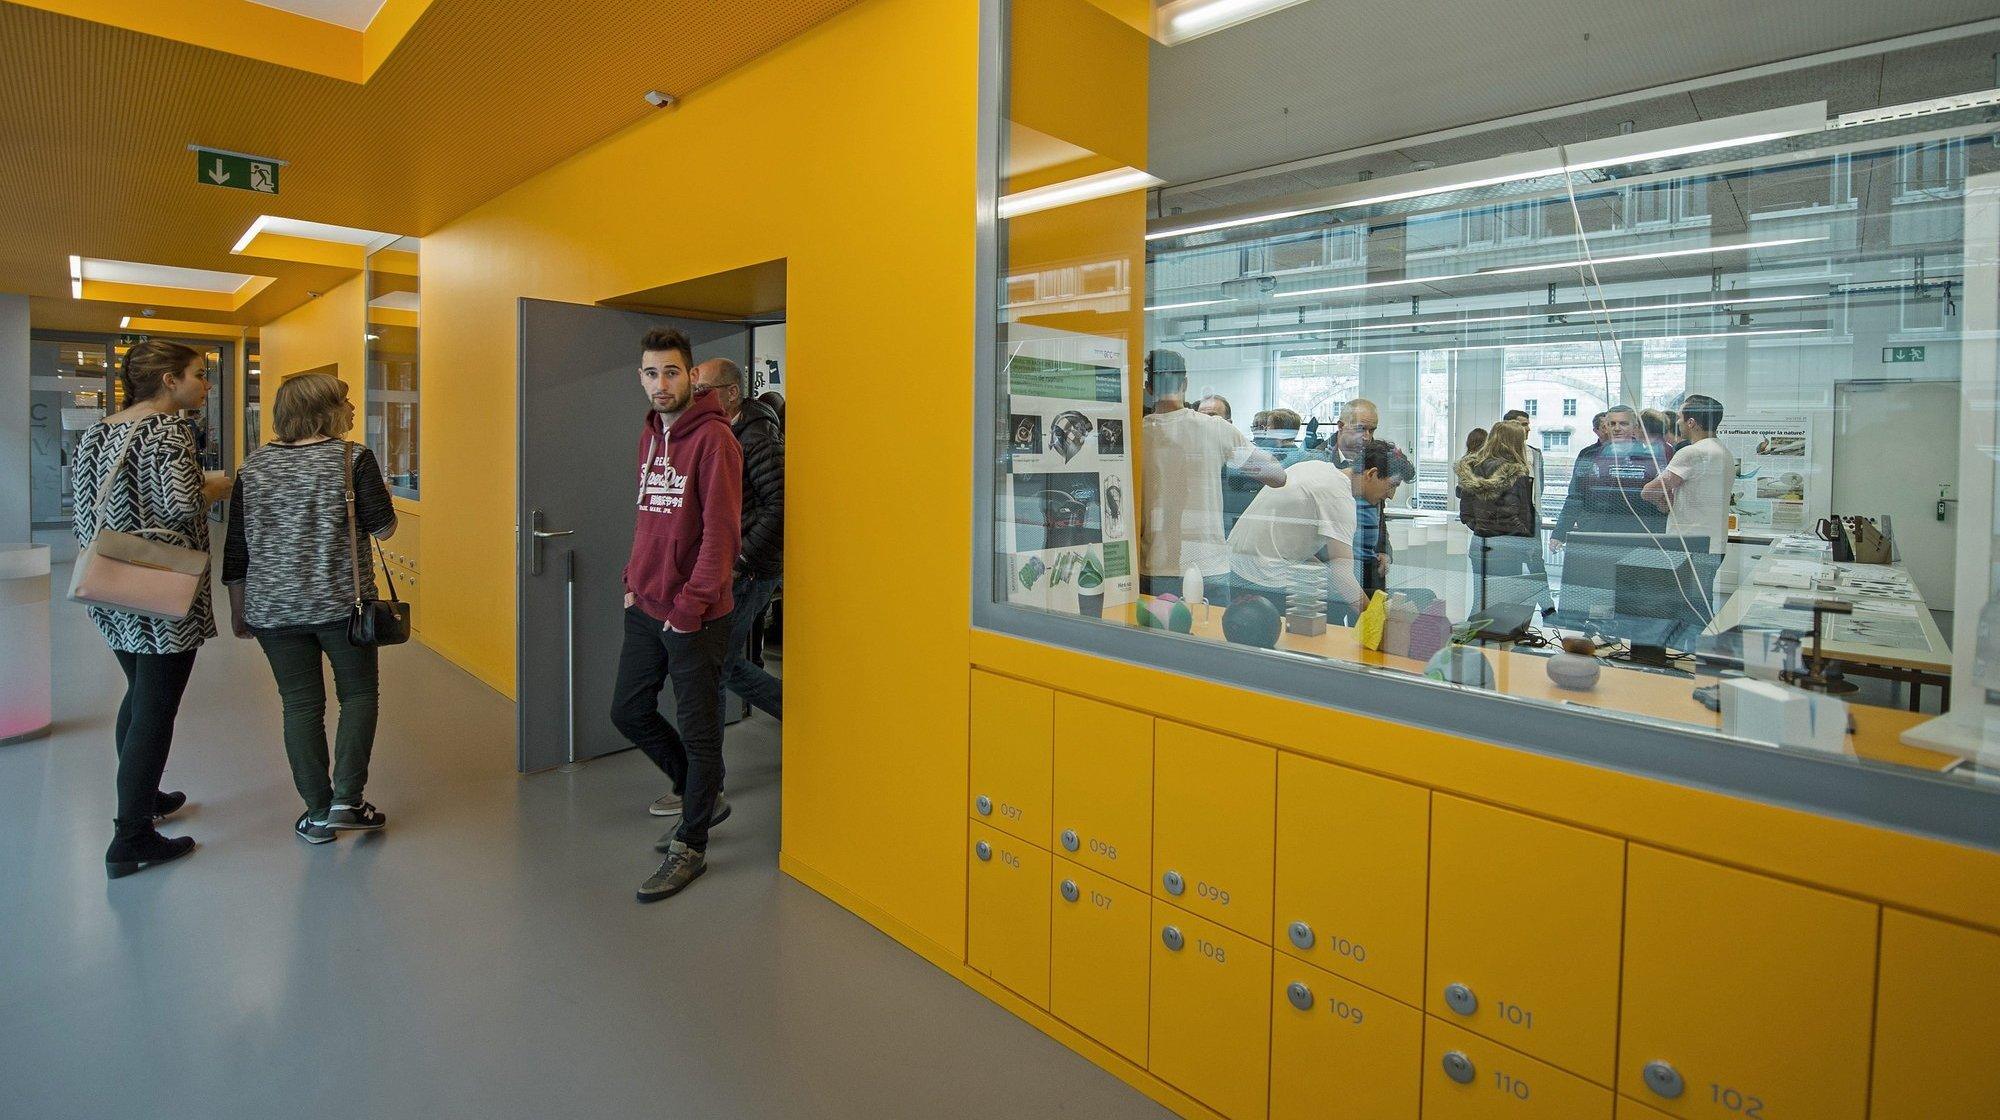 Les hautes écoles de Suisse occidentale mettent un million et demi dans des collaborations avec les PME industrielles